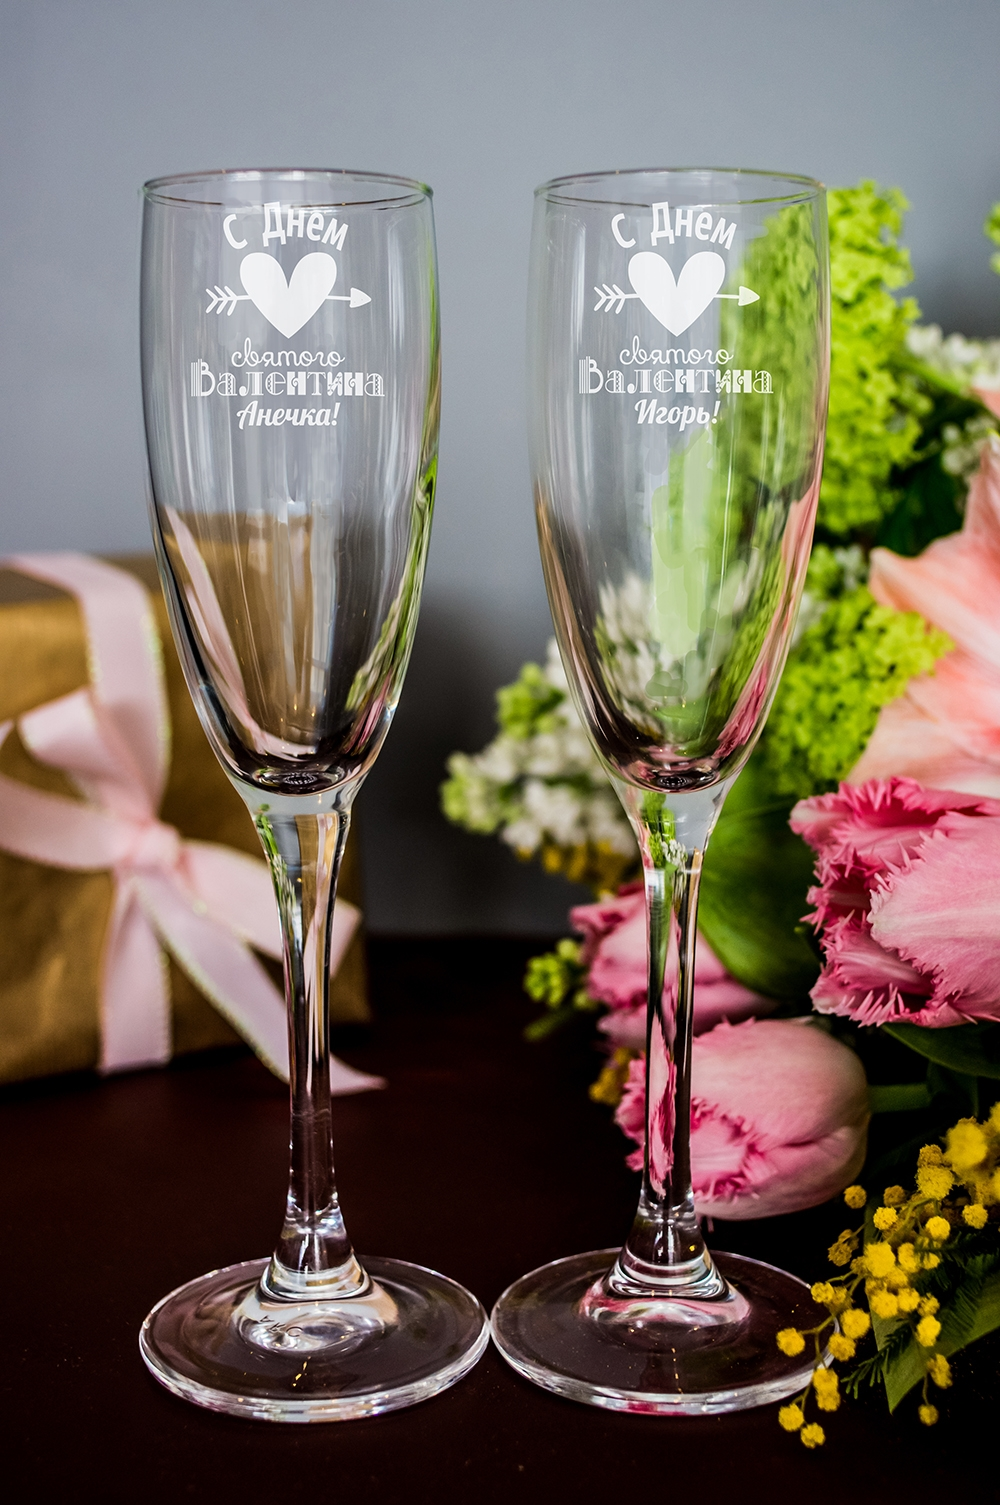 Набор бокалов для шампанского с вашим текстом (длинные) Ко Дню Св. ВалентинаПосуда<br>Размер: 170мл, Выс=22.5см. Материал: стекло<br>